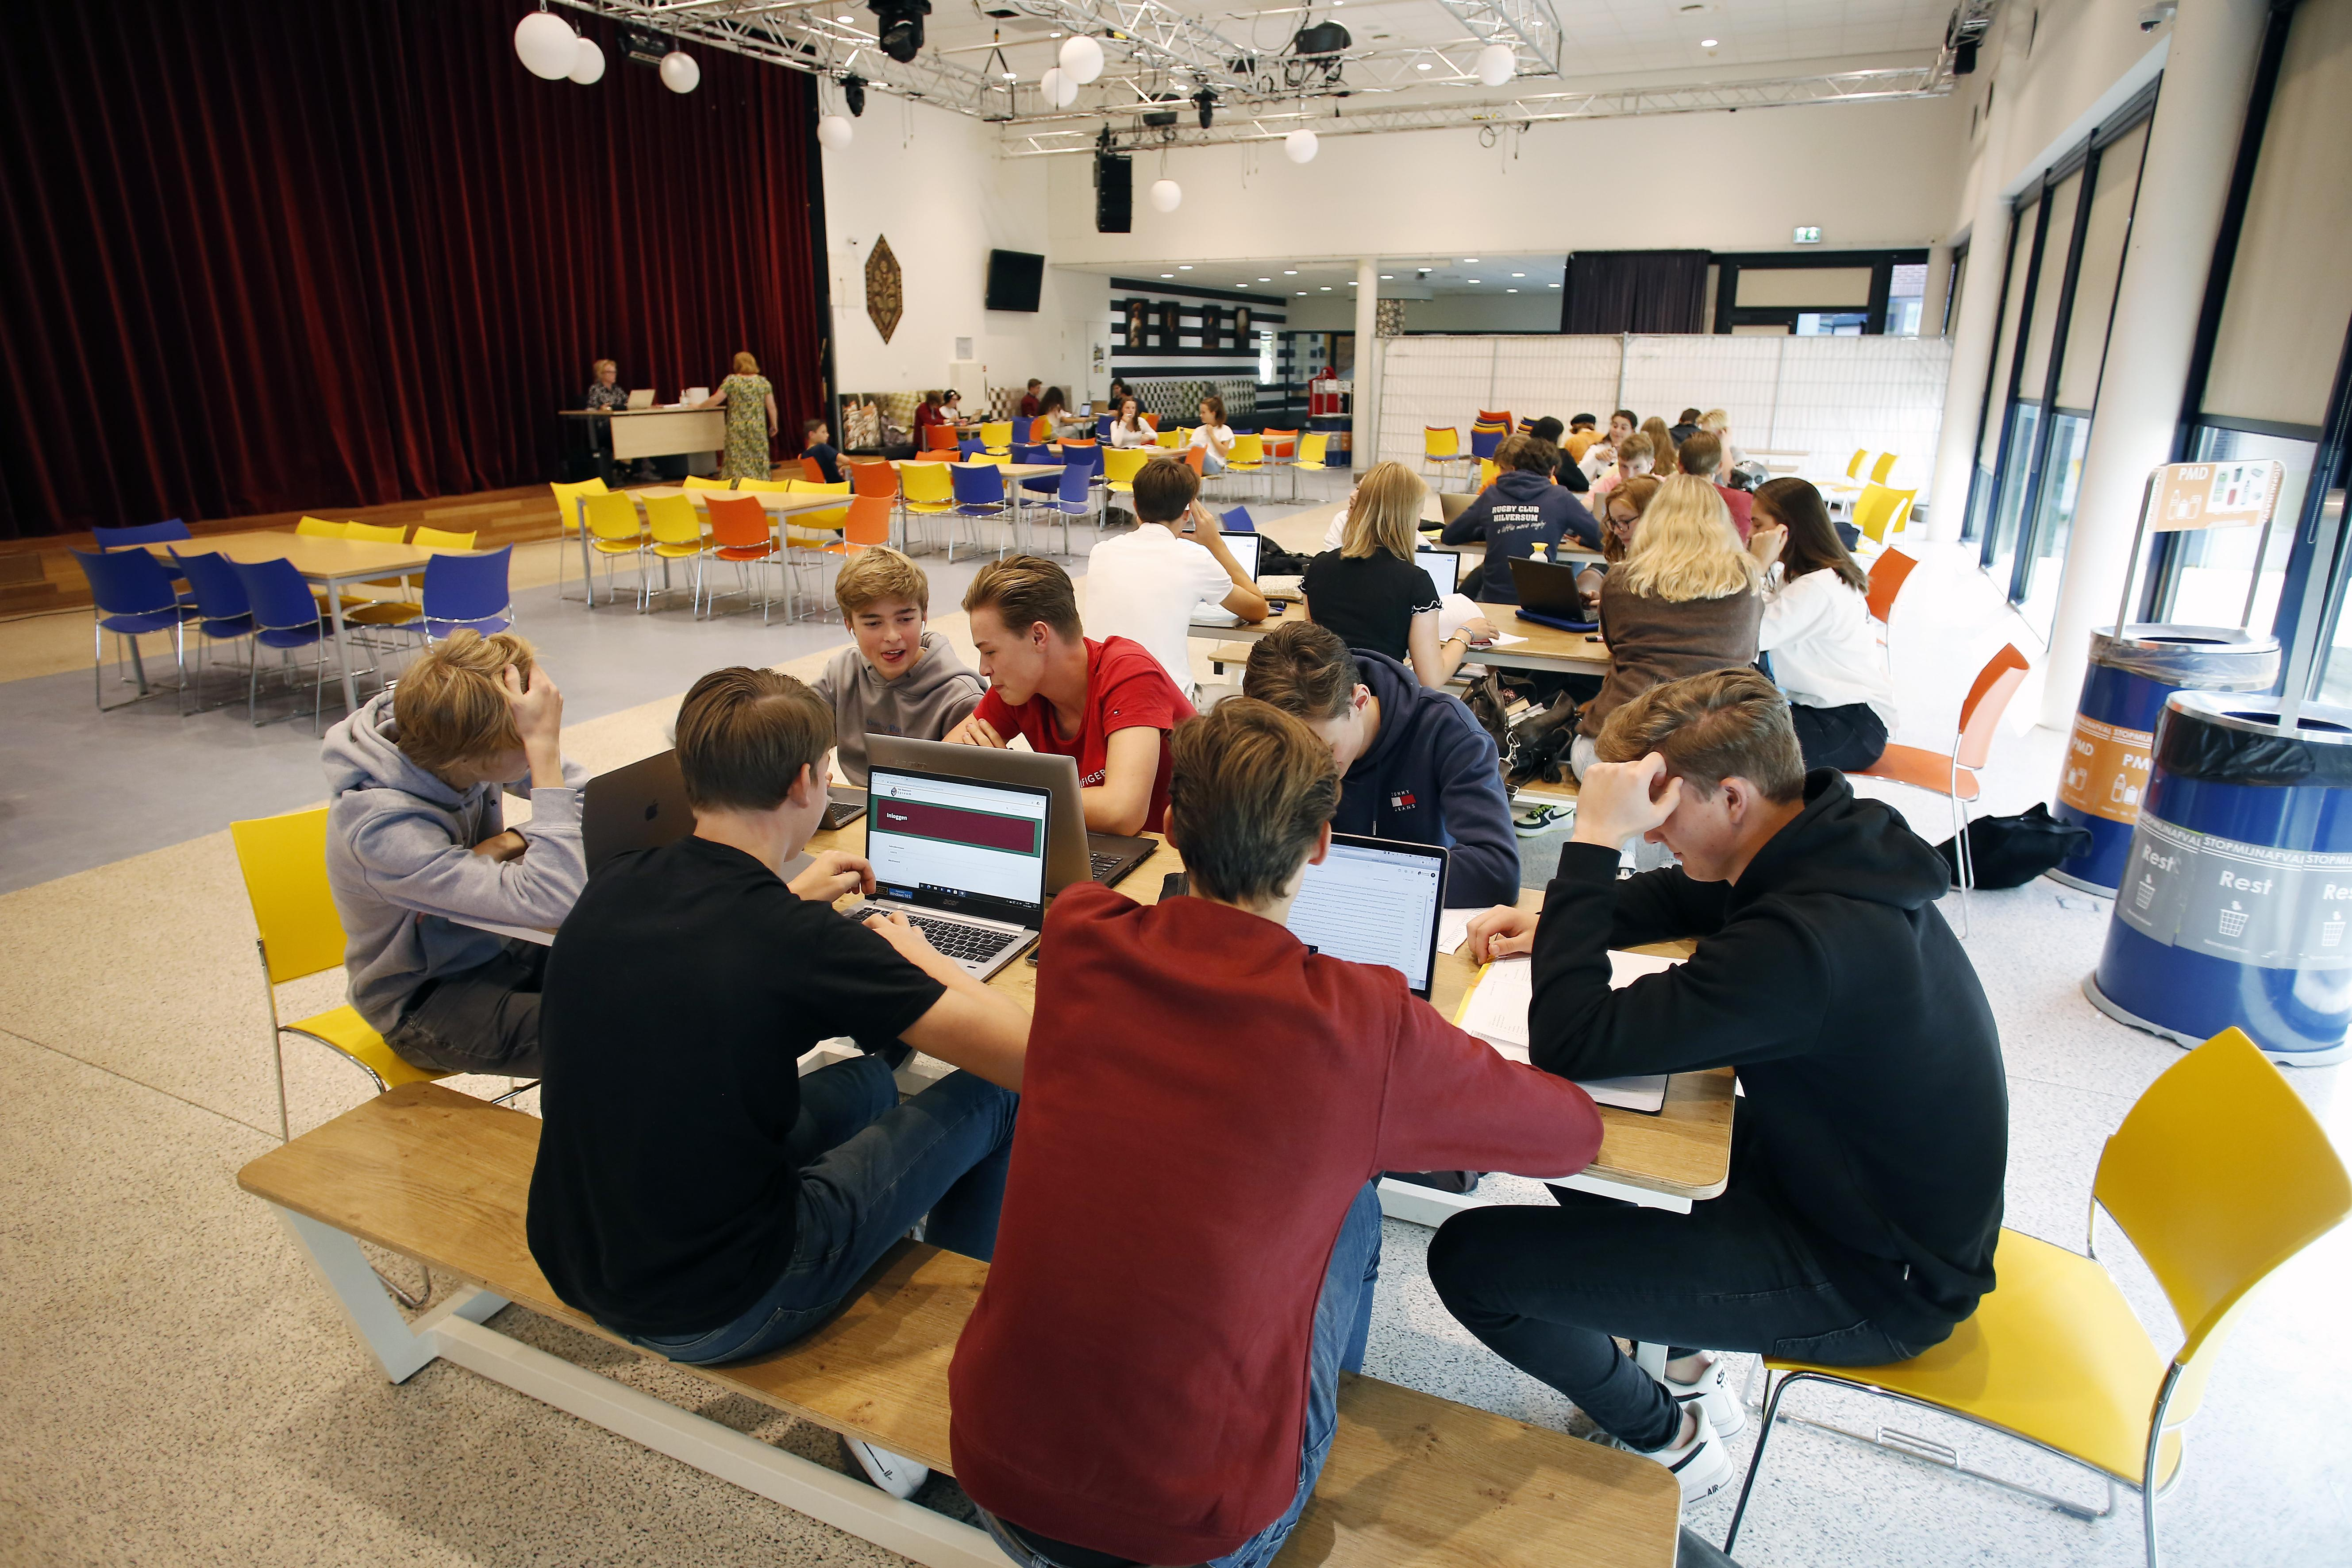 Scholen hopen met voorrang in teststraat docent niet langer een week 'kwijt' te zijn; 'Wel huiverig voor het najaar'